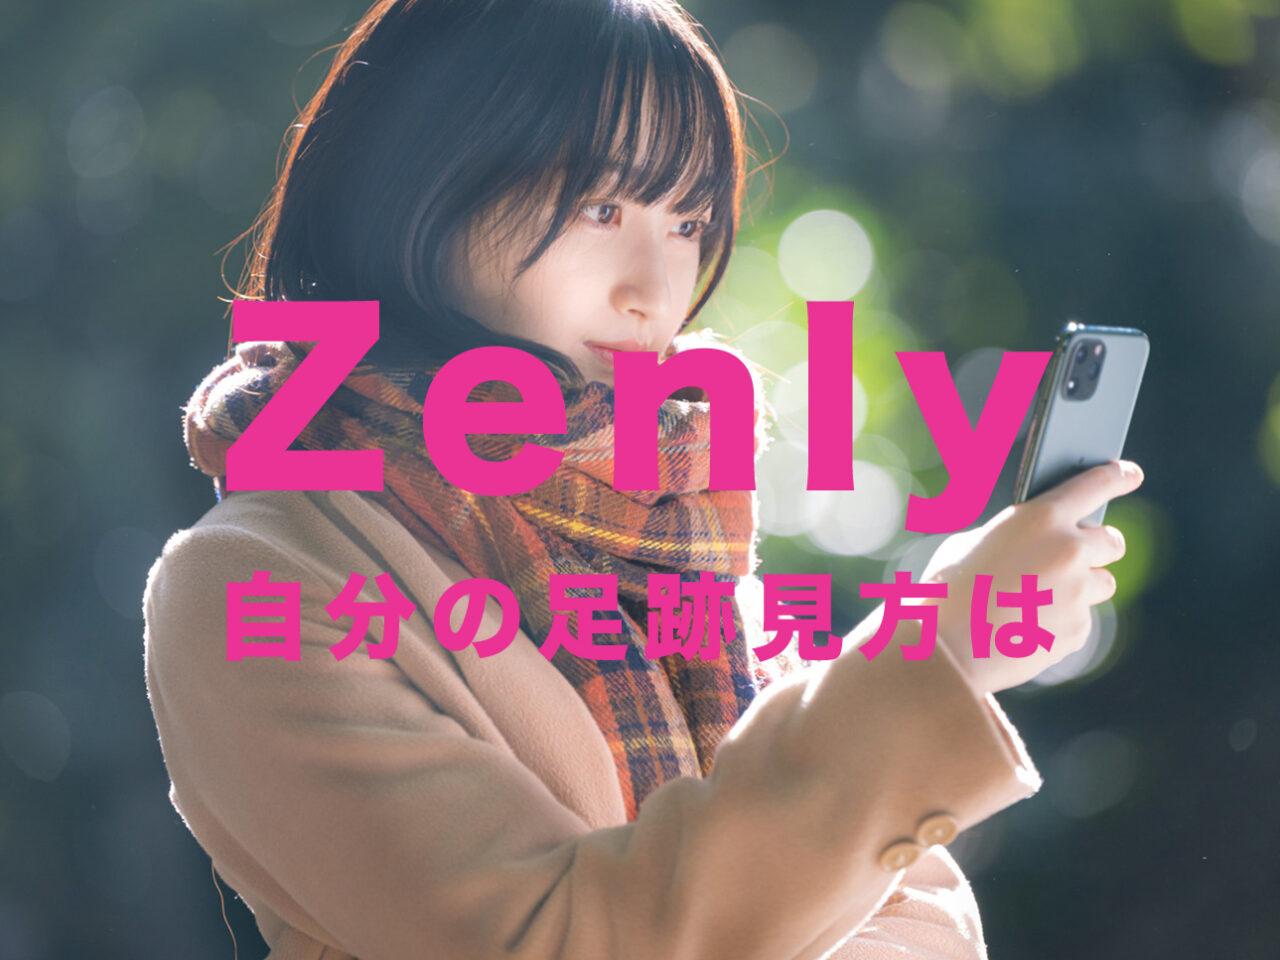 ゼンリー(Zenly)で自分の移動履歴&足跡の見方は?どうやって見る?のサムネイル画像